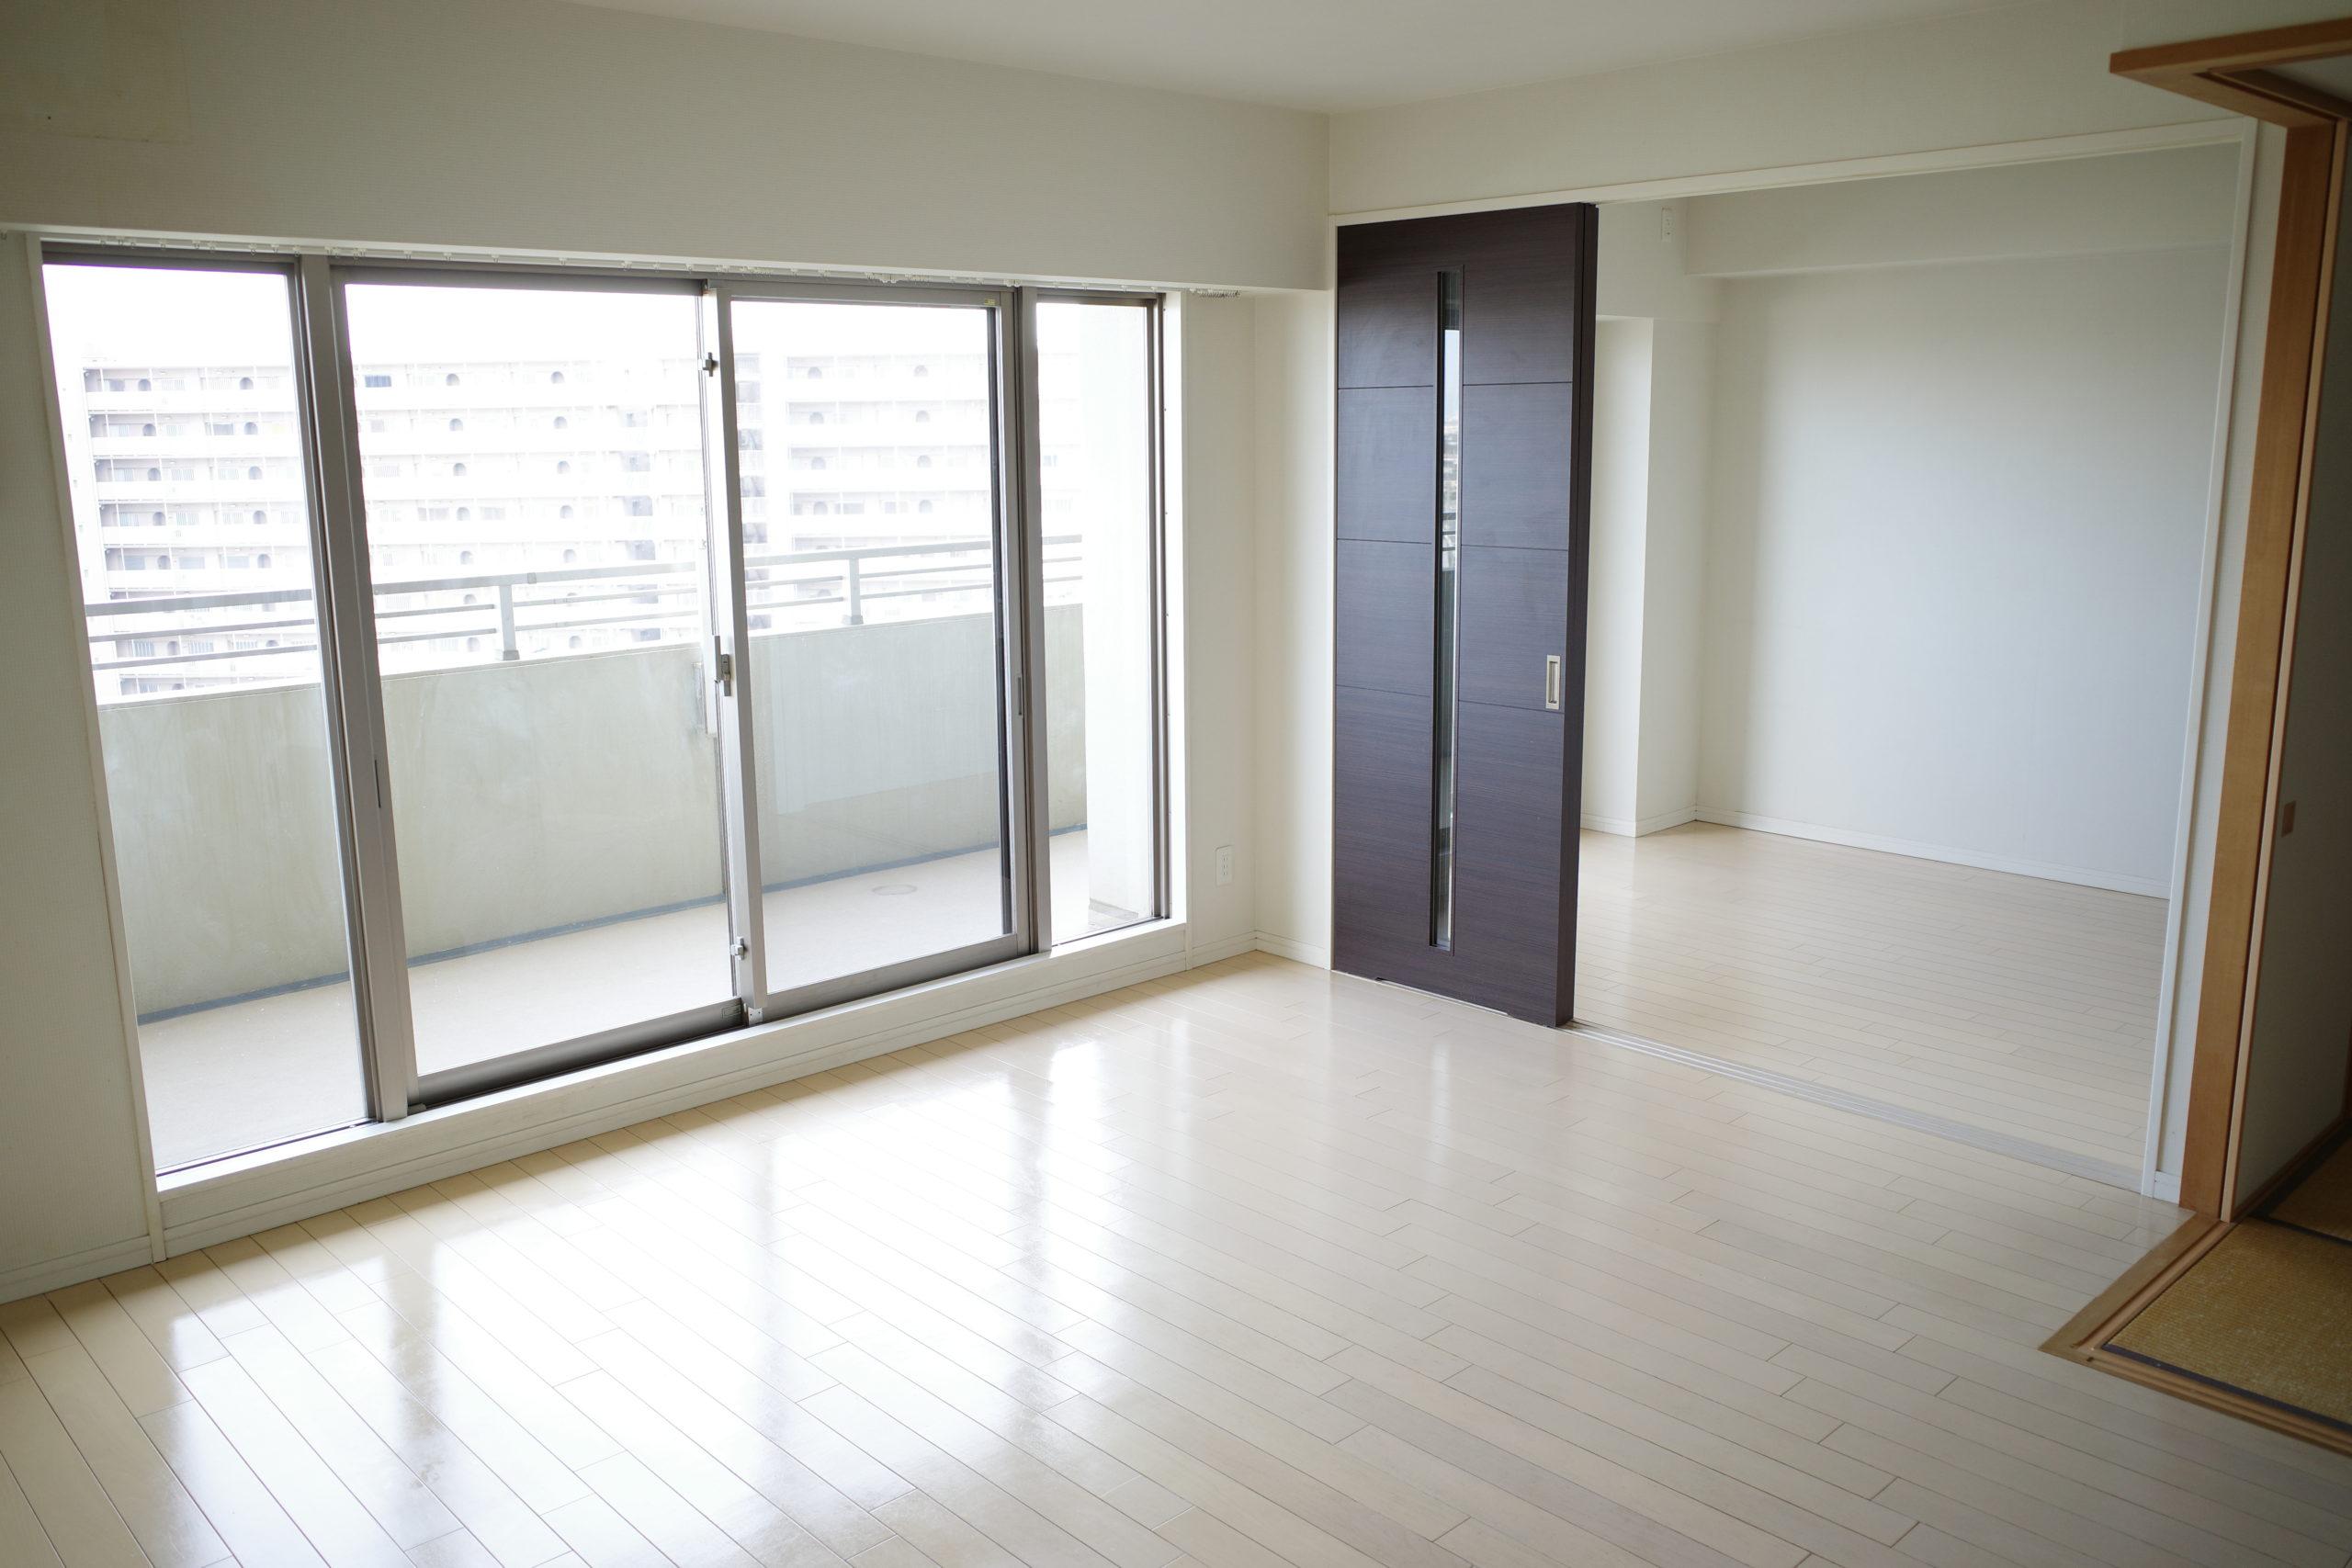 【マンション購入】Webデザイナー、たった5日でマンションを買う